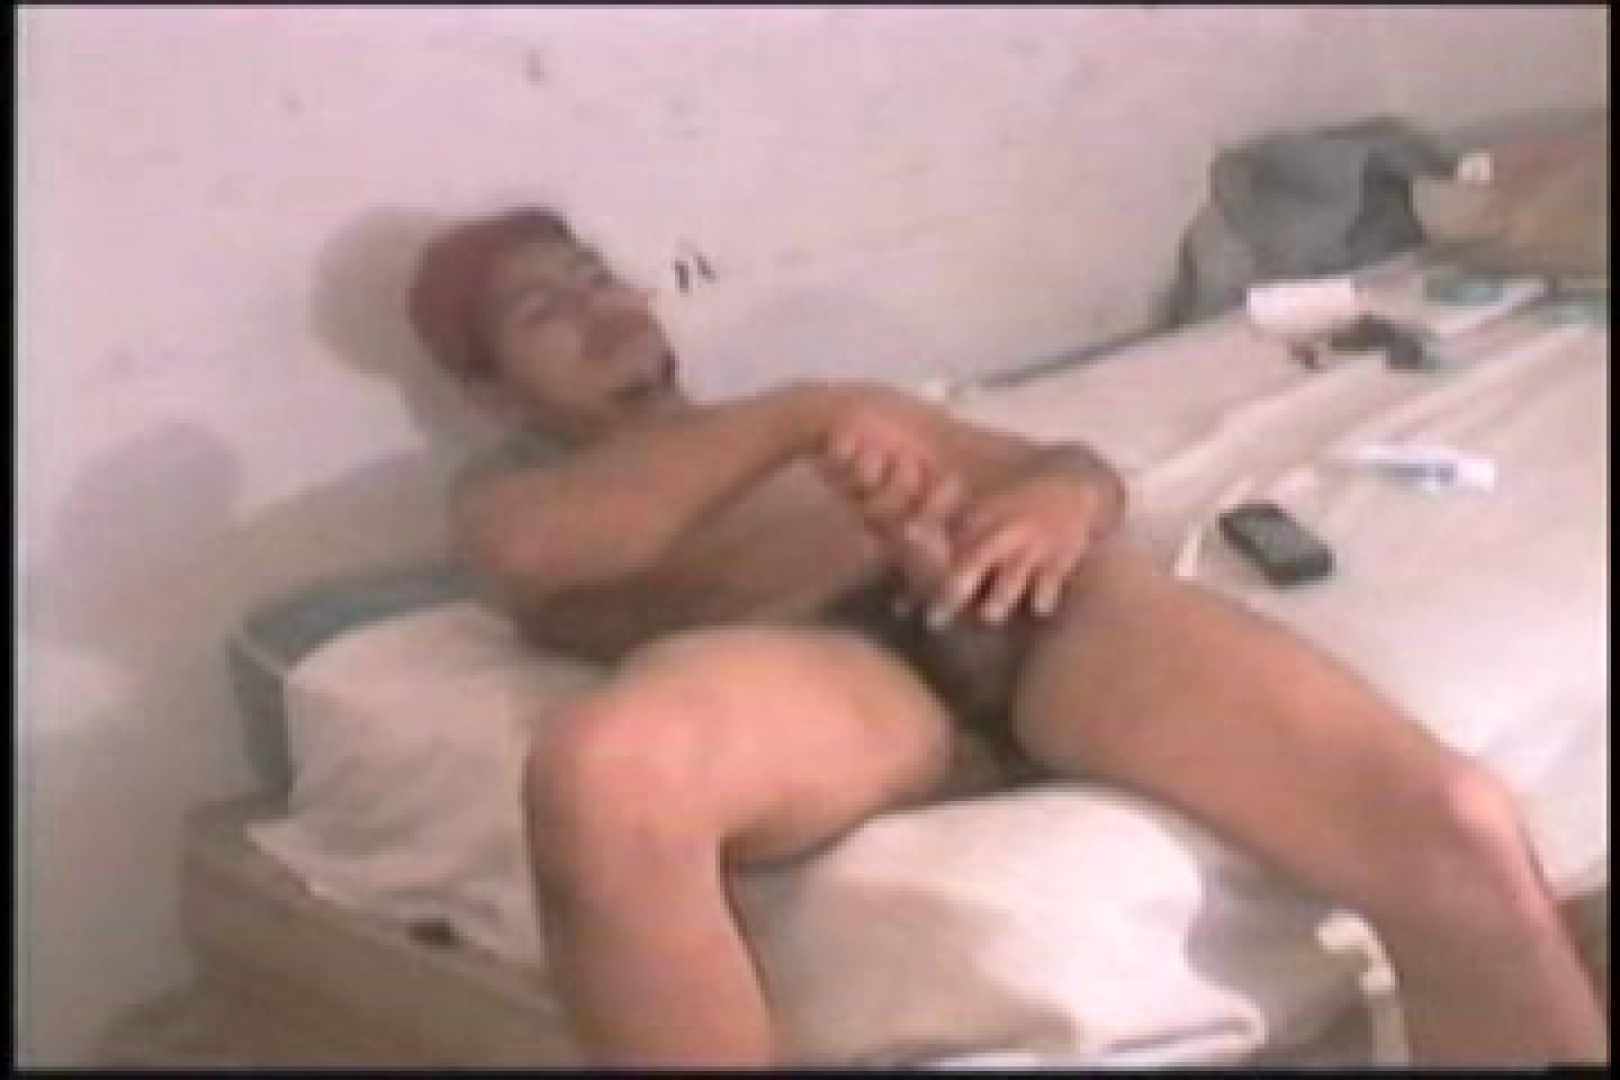 ファンキーな黒人さん!!BLACK POWER 02 オナニー | BL アダルトビデオ画像キャプチャ 92枚 38